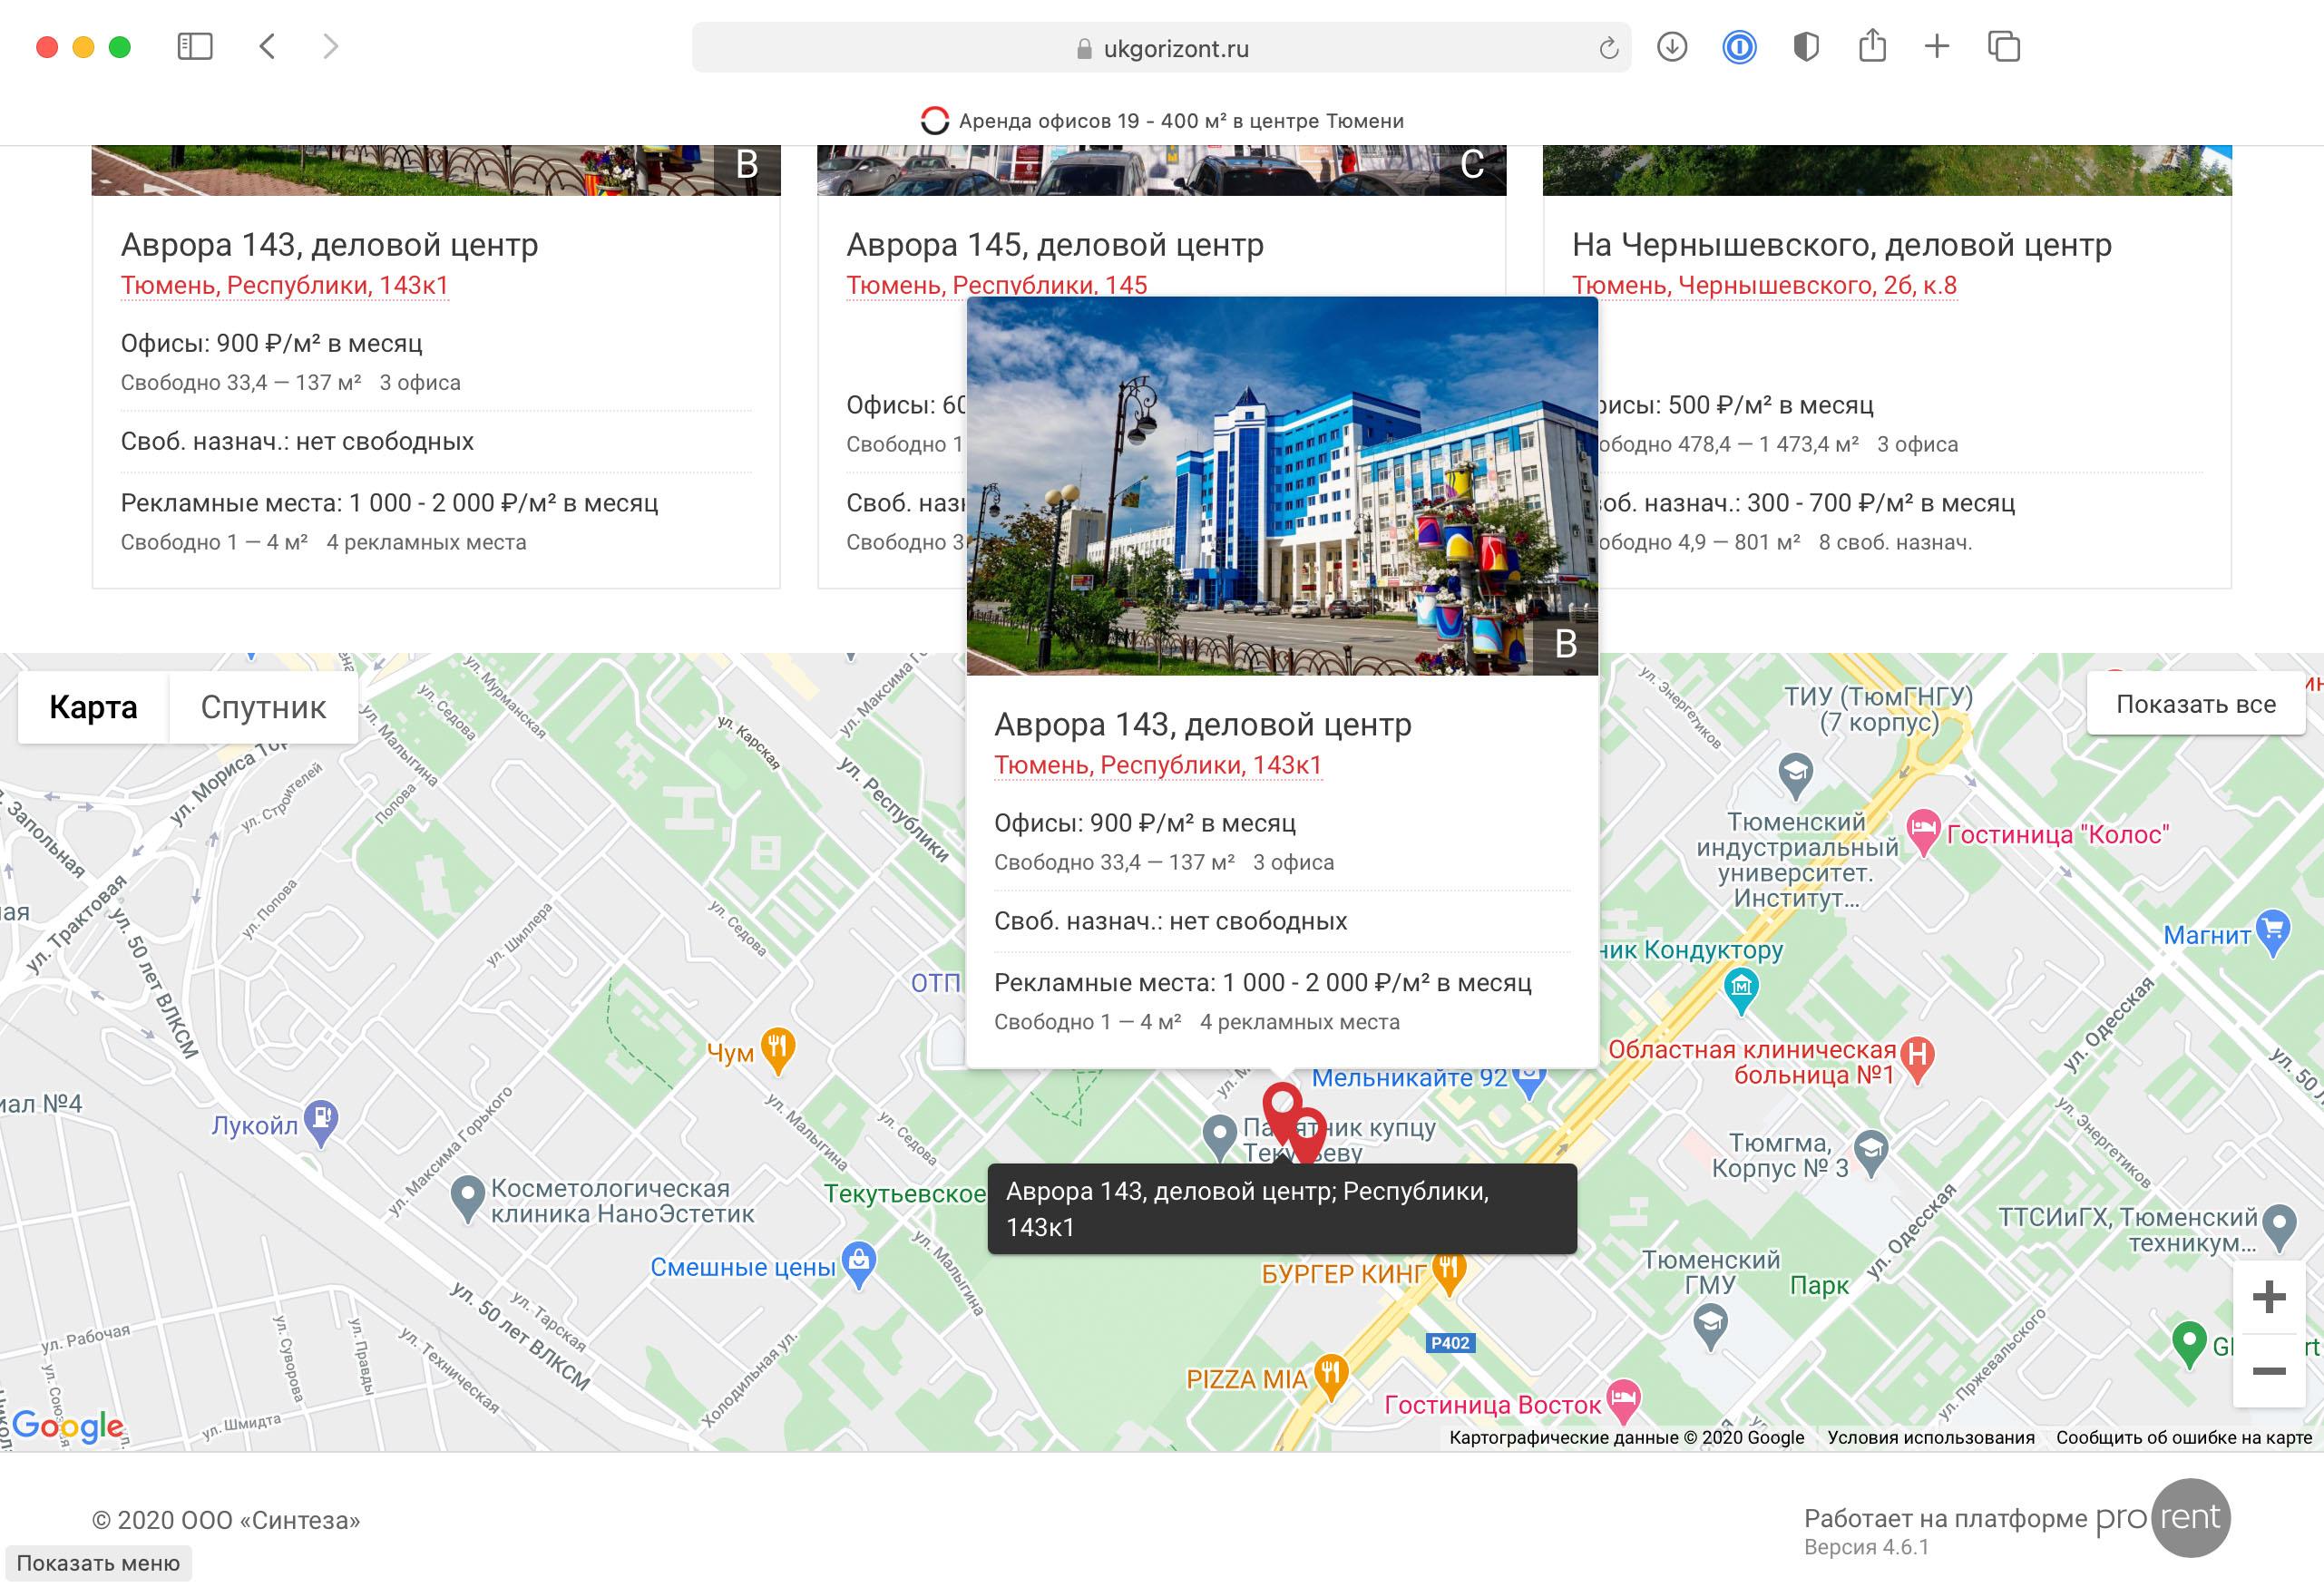 Интерактивная карта расположения объектов на публичном сайте